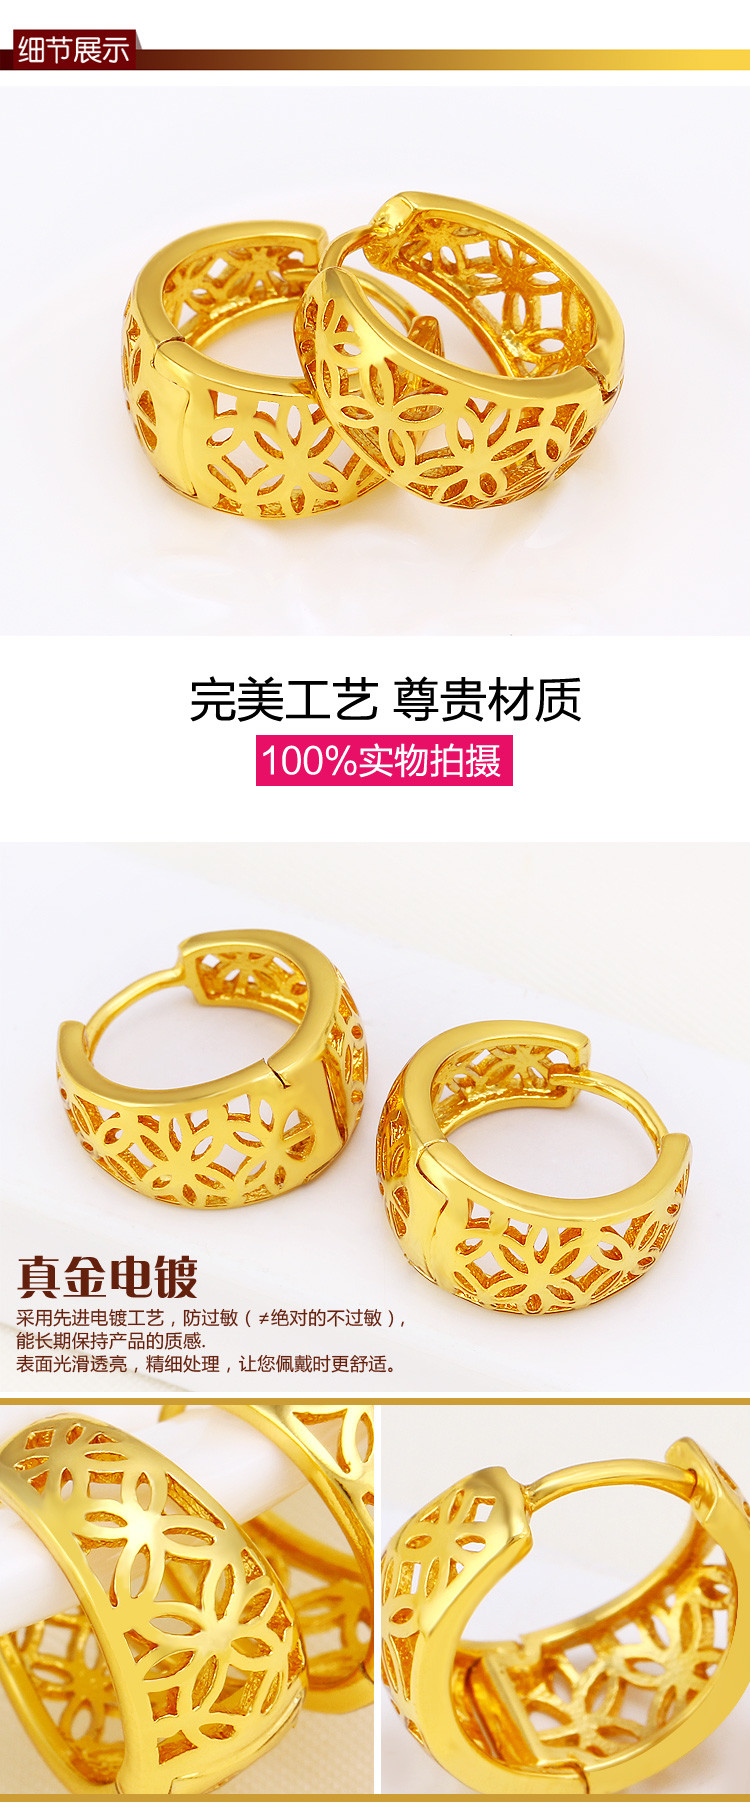 xupingjewelry首饰 复古镂空花纹时尚耳圈耳环女 镀金